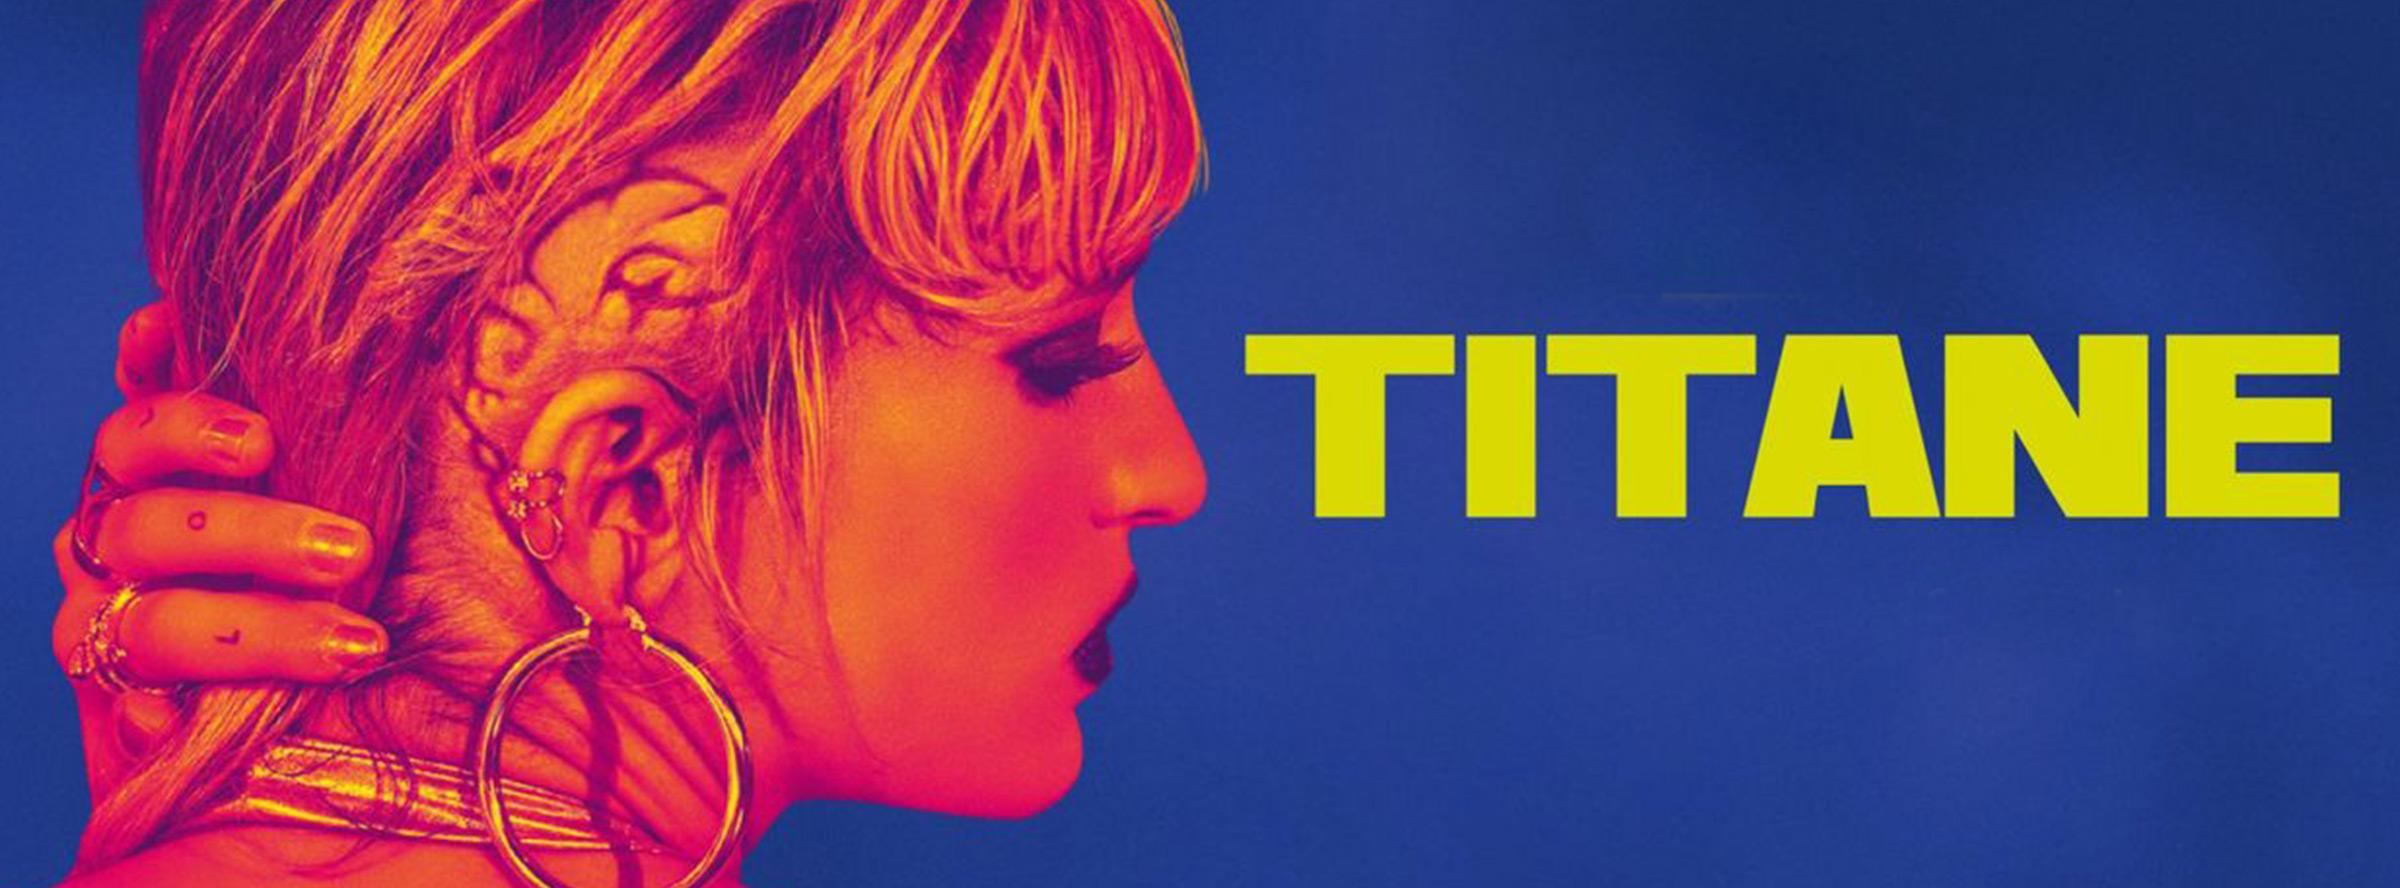 Slider Image for Titane